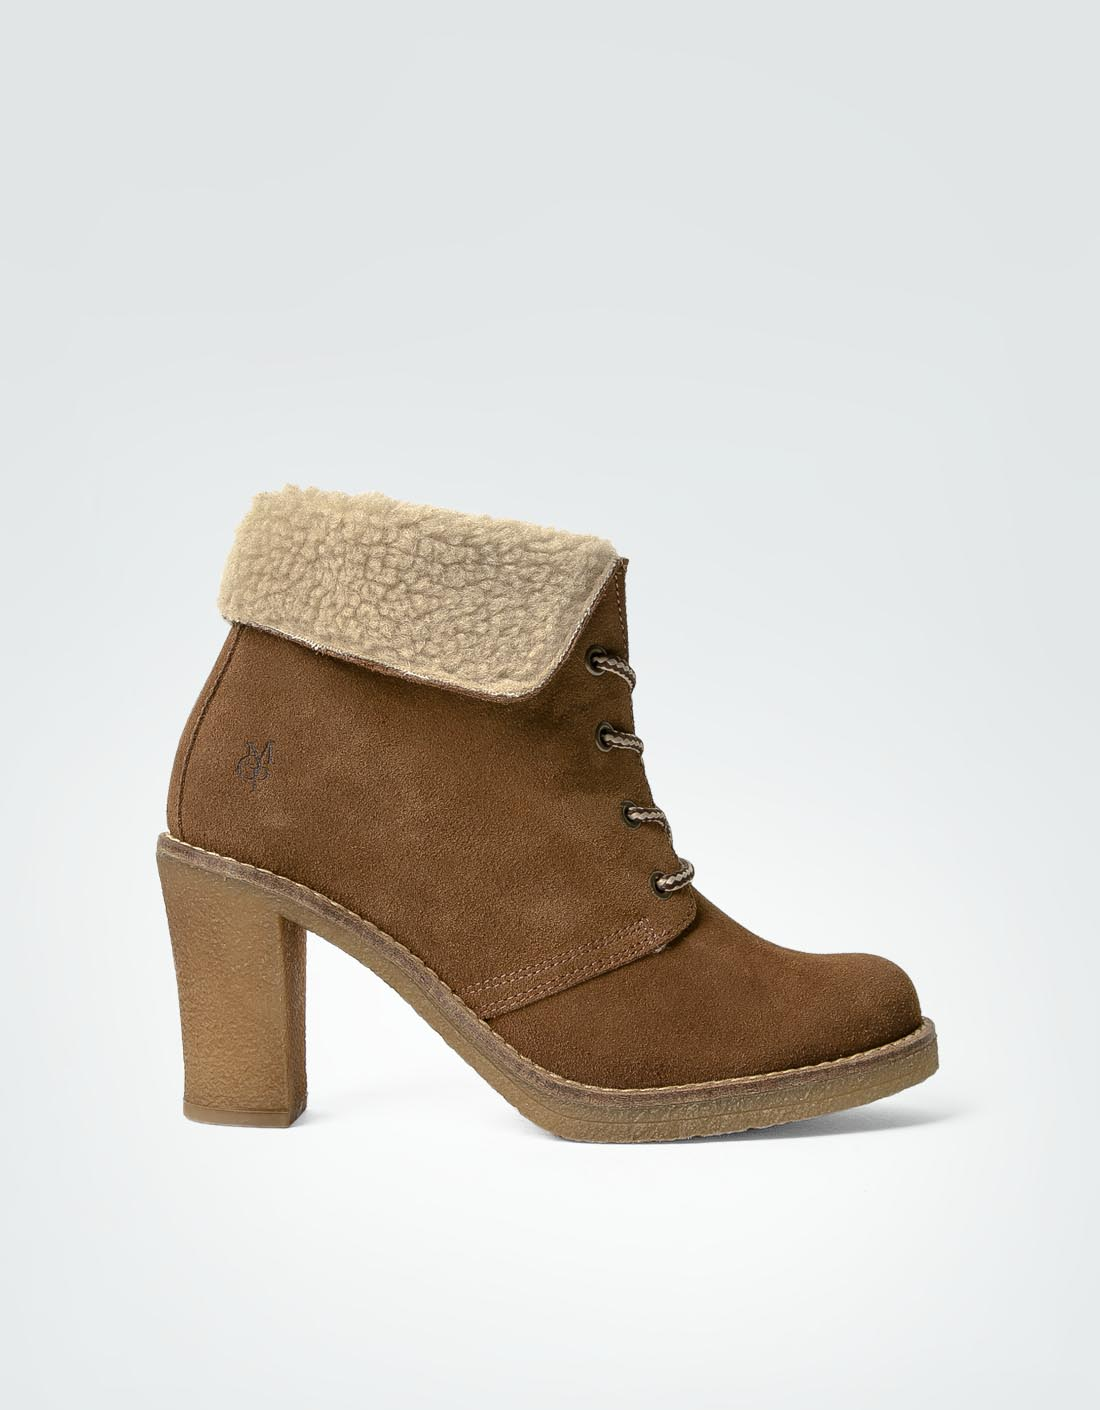 marc o 39 polo damen desert boot stiefelette aus veloursleder empfohlen von deinen schwestern. Black Bedroom Furniture Sets. Home Design Ideas